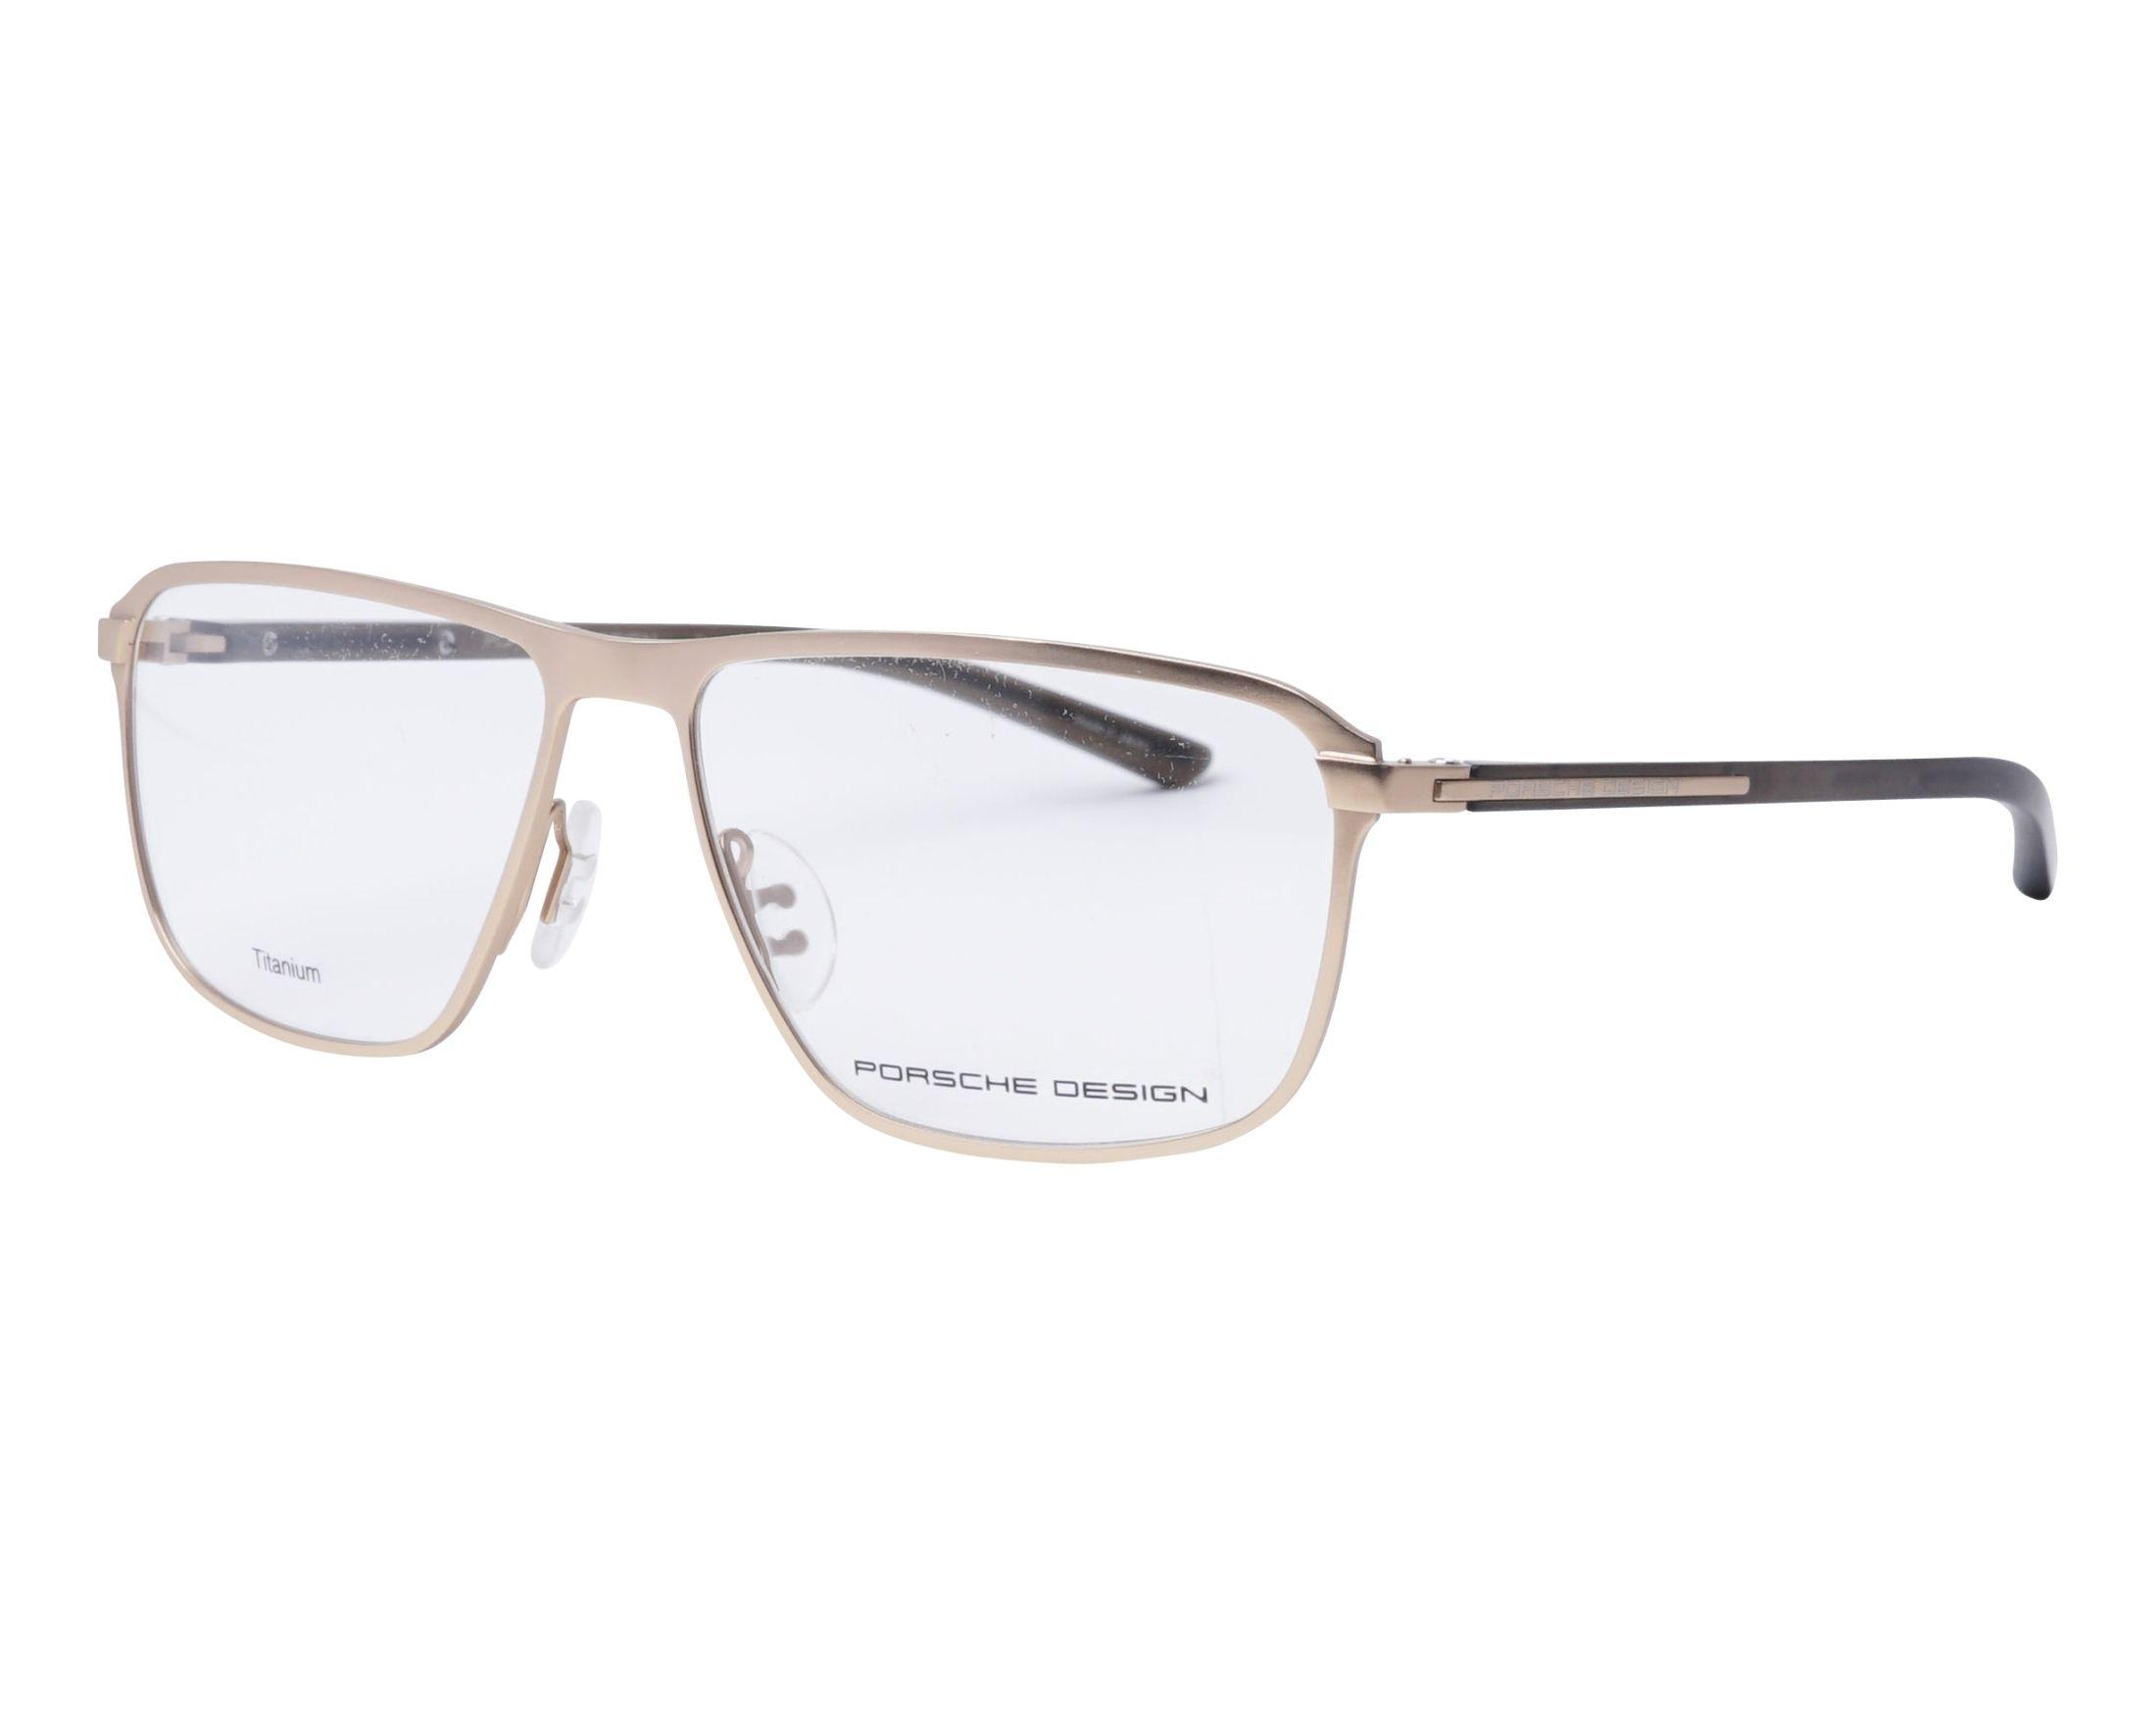 0d70ec1726 Gafas Graduadas Porsche Design P-8285 B 56-14 Oro Gris vista de perfil